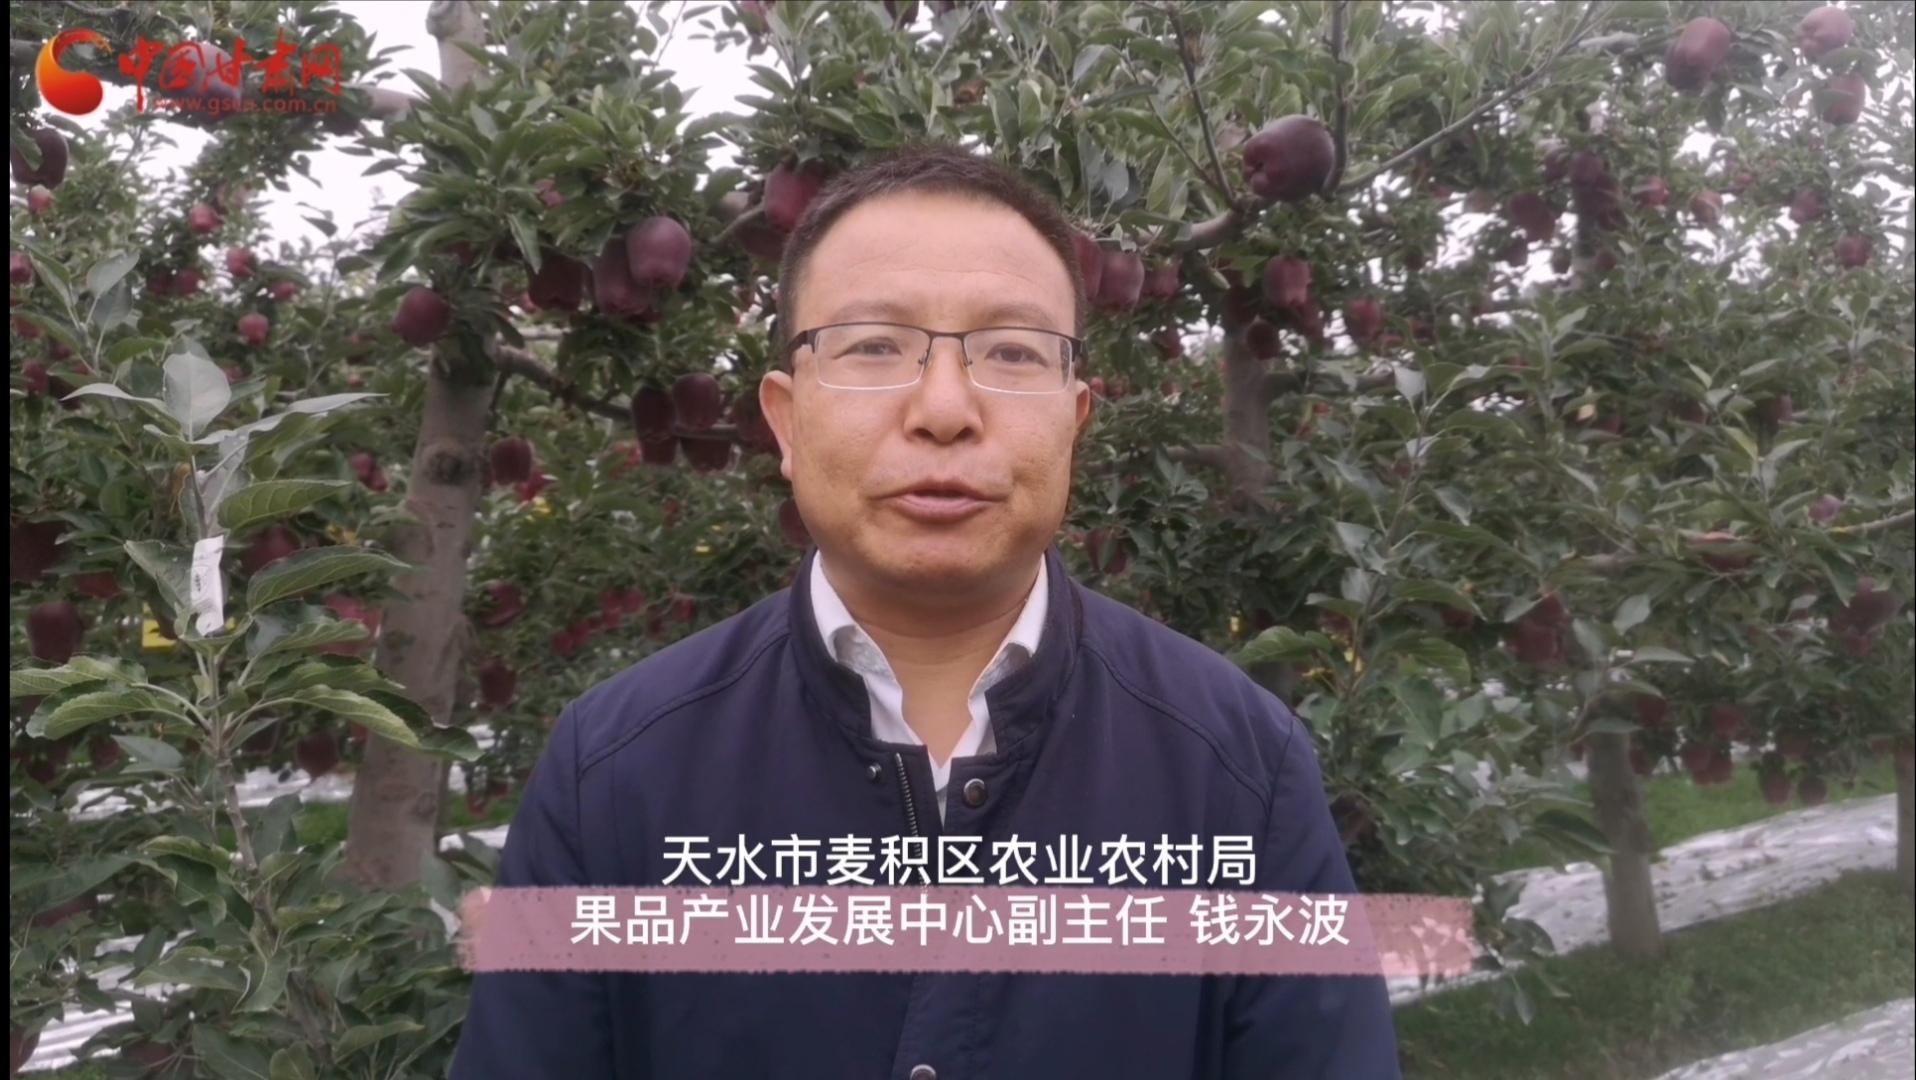 【西部开发新脉动】天水麦积:优势产业增收致富 花牛苹果助农脱贫